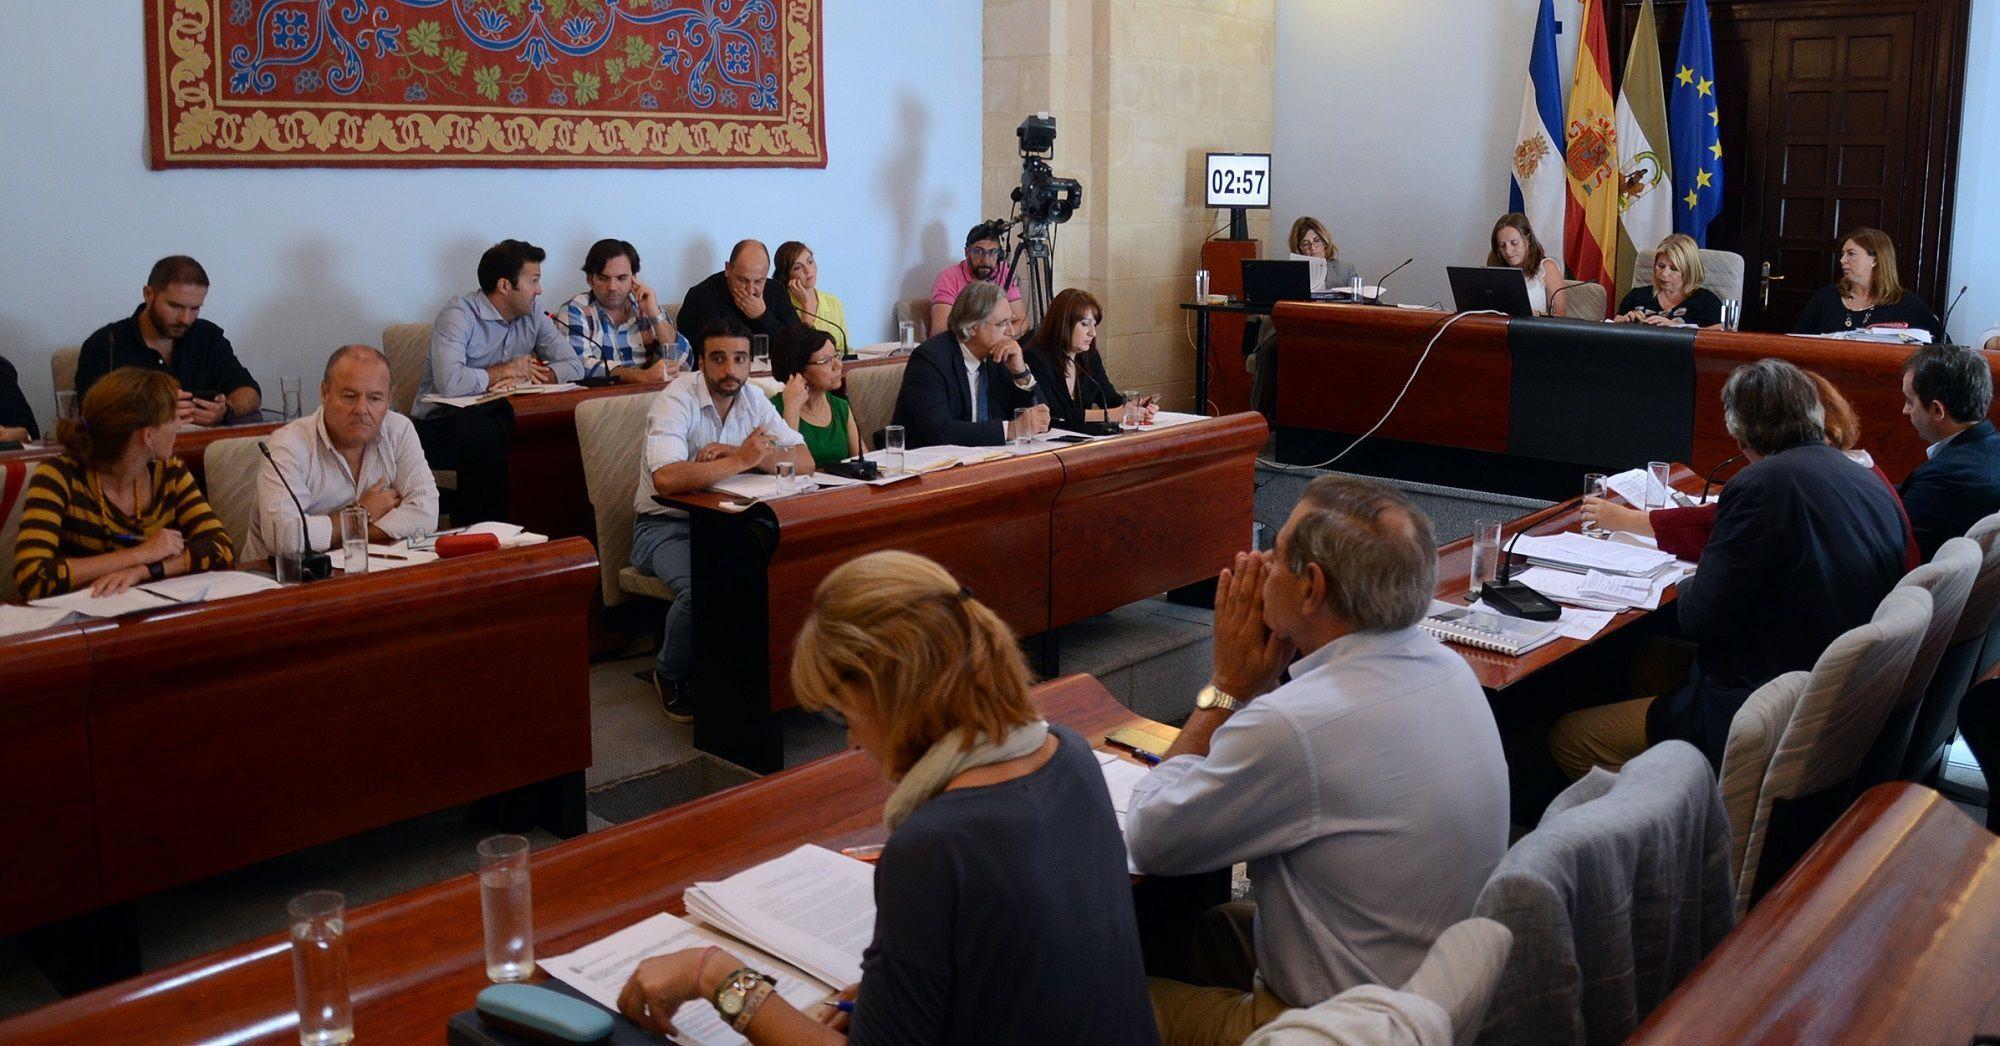 Imagen del Pleno del Ayuntamiento en la mañana de hoy.